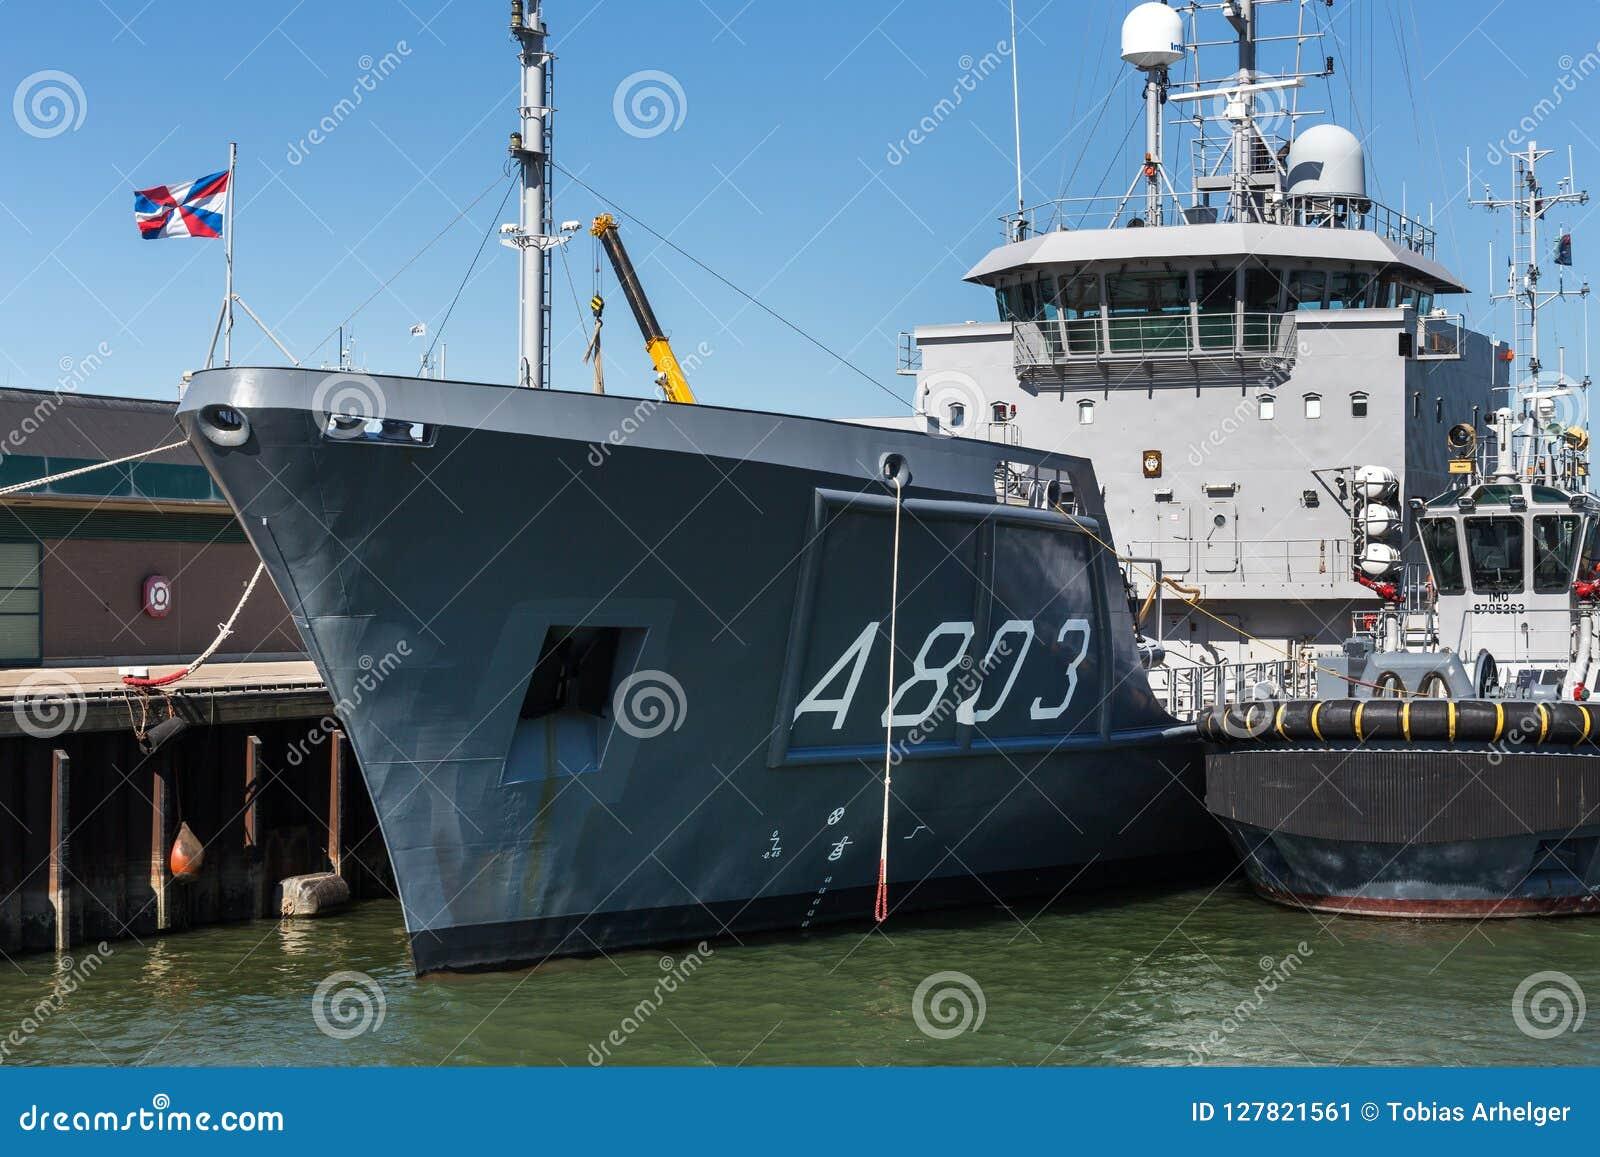 Den Haag, Den Haag/die Niederlande - 01 07 18: Vermessensschiffs-Stundenfrau luymes im Hafen von Den Haag die Niederlande